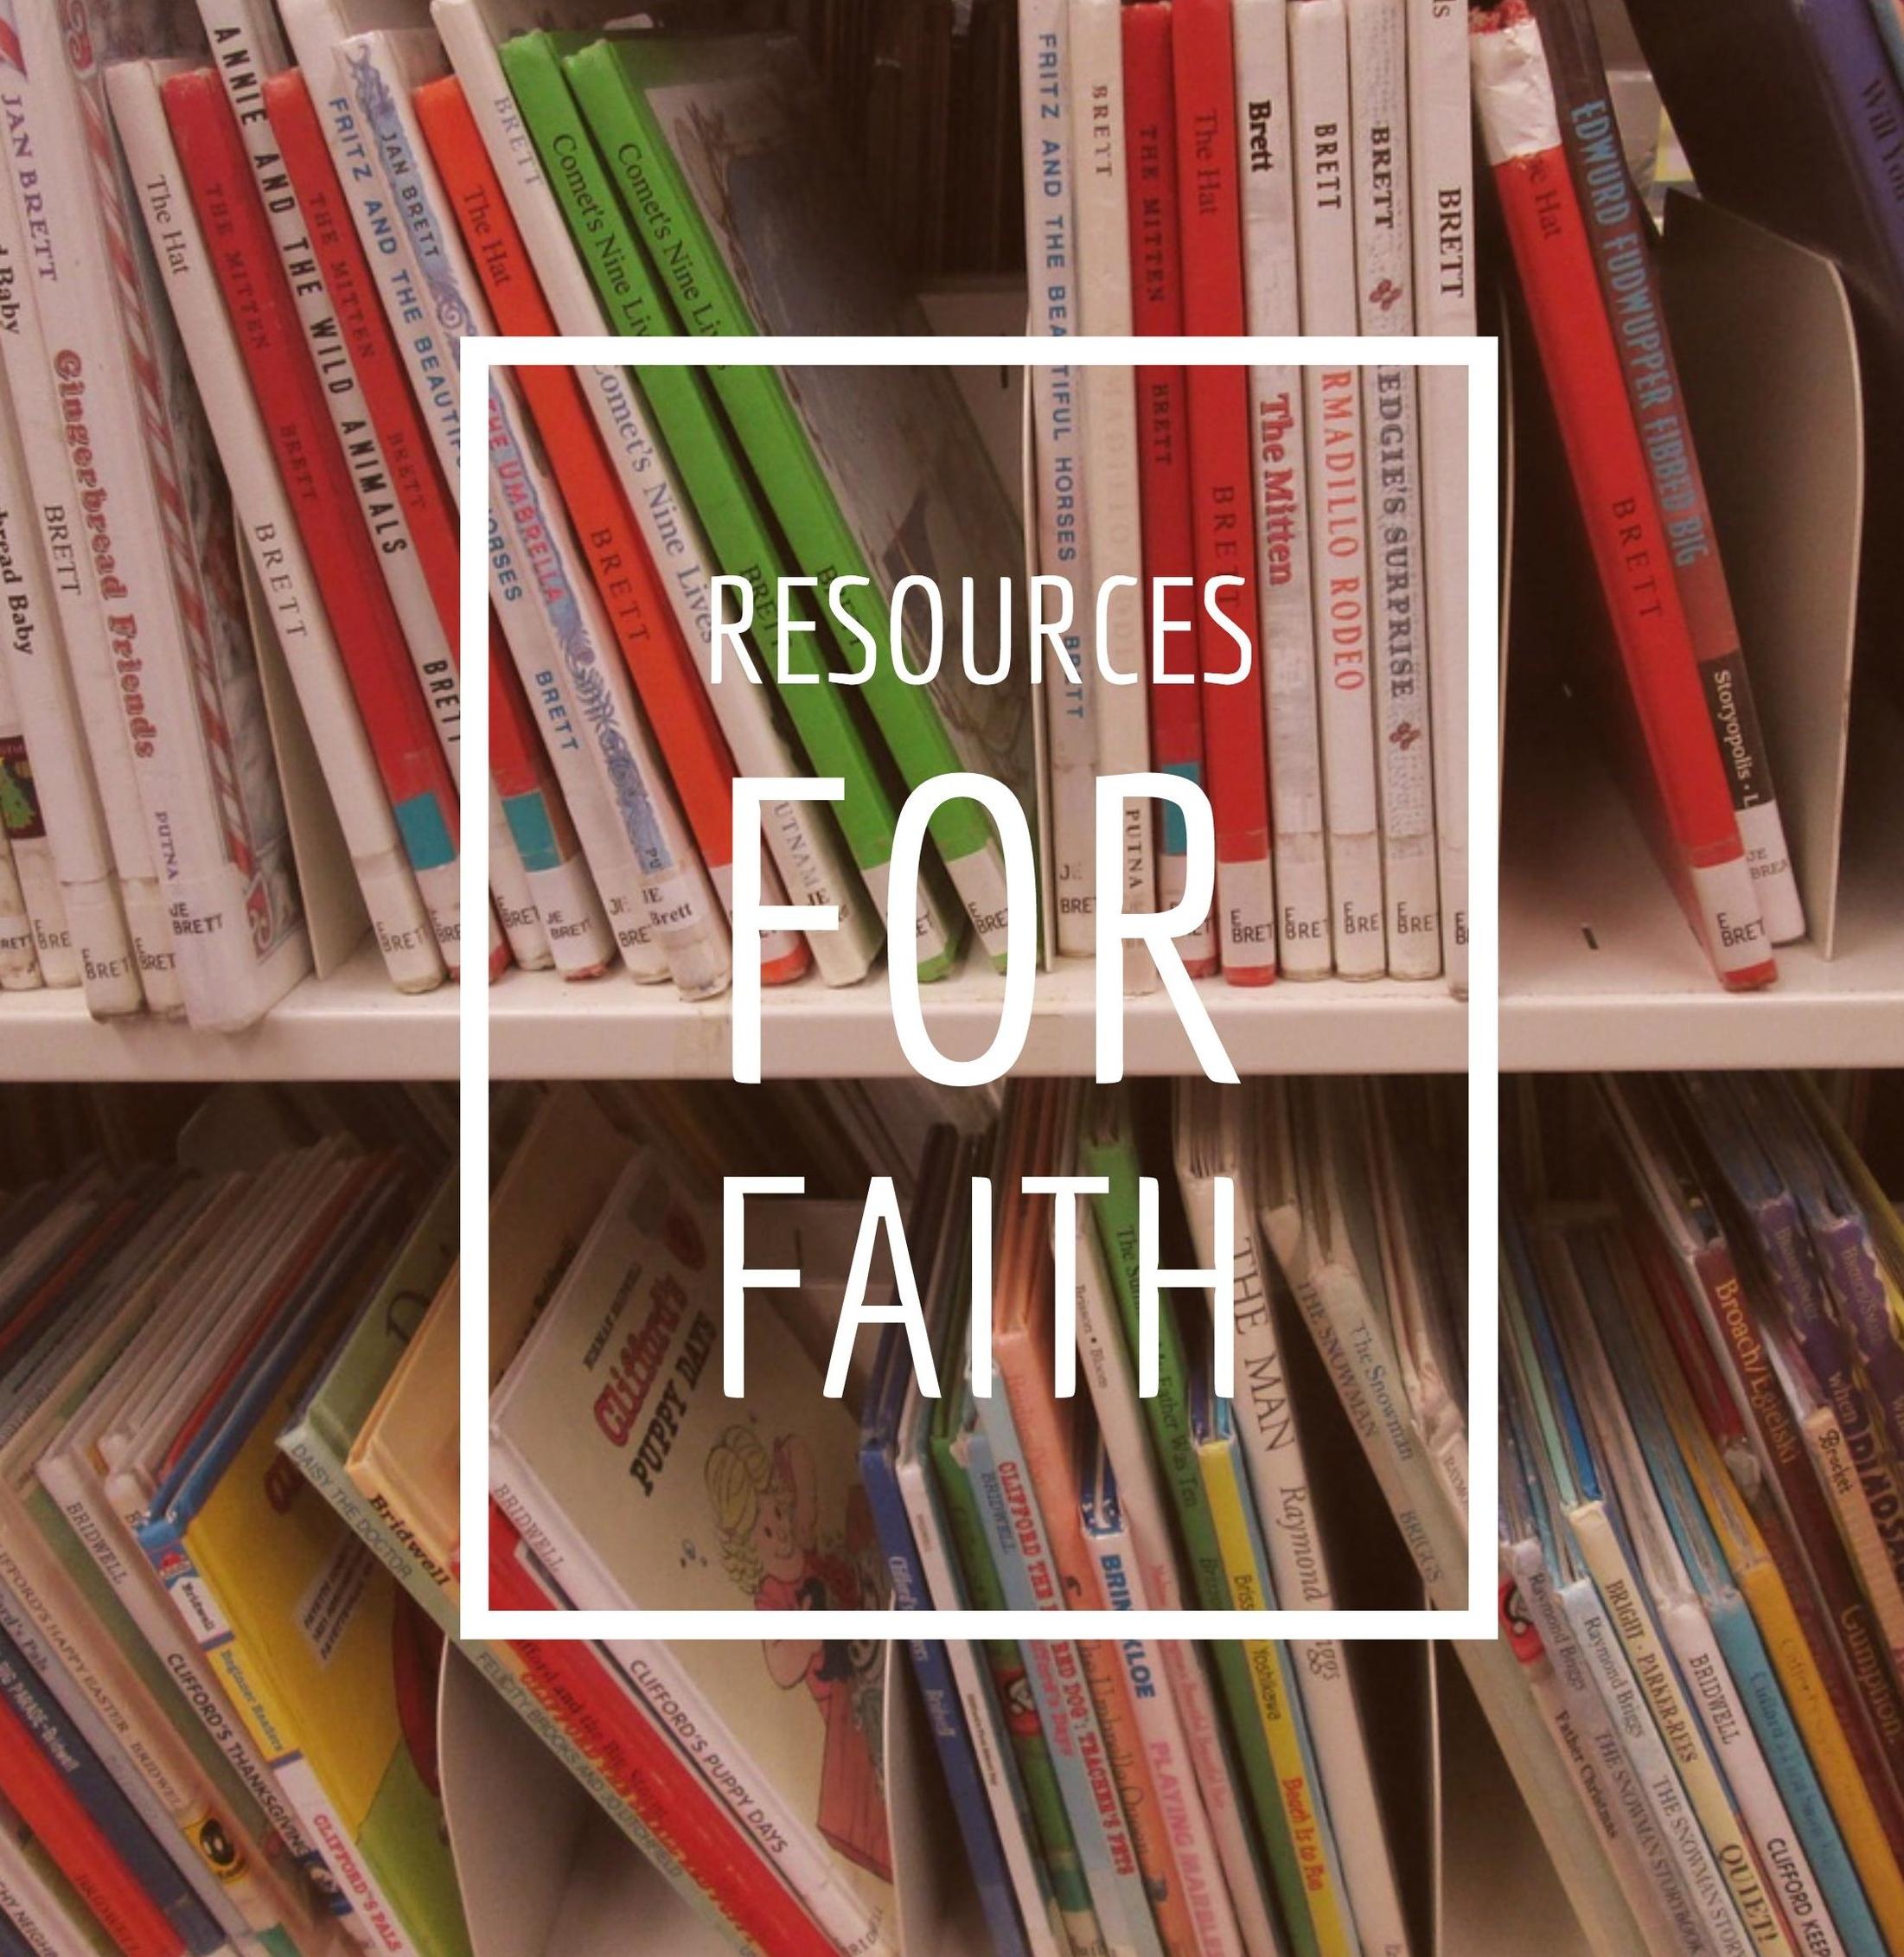 Resources for Faith.jpg